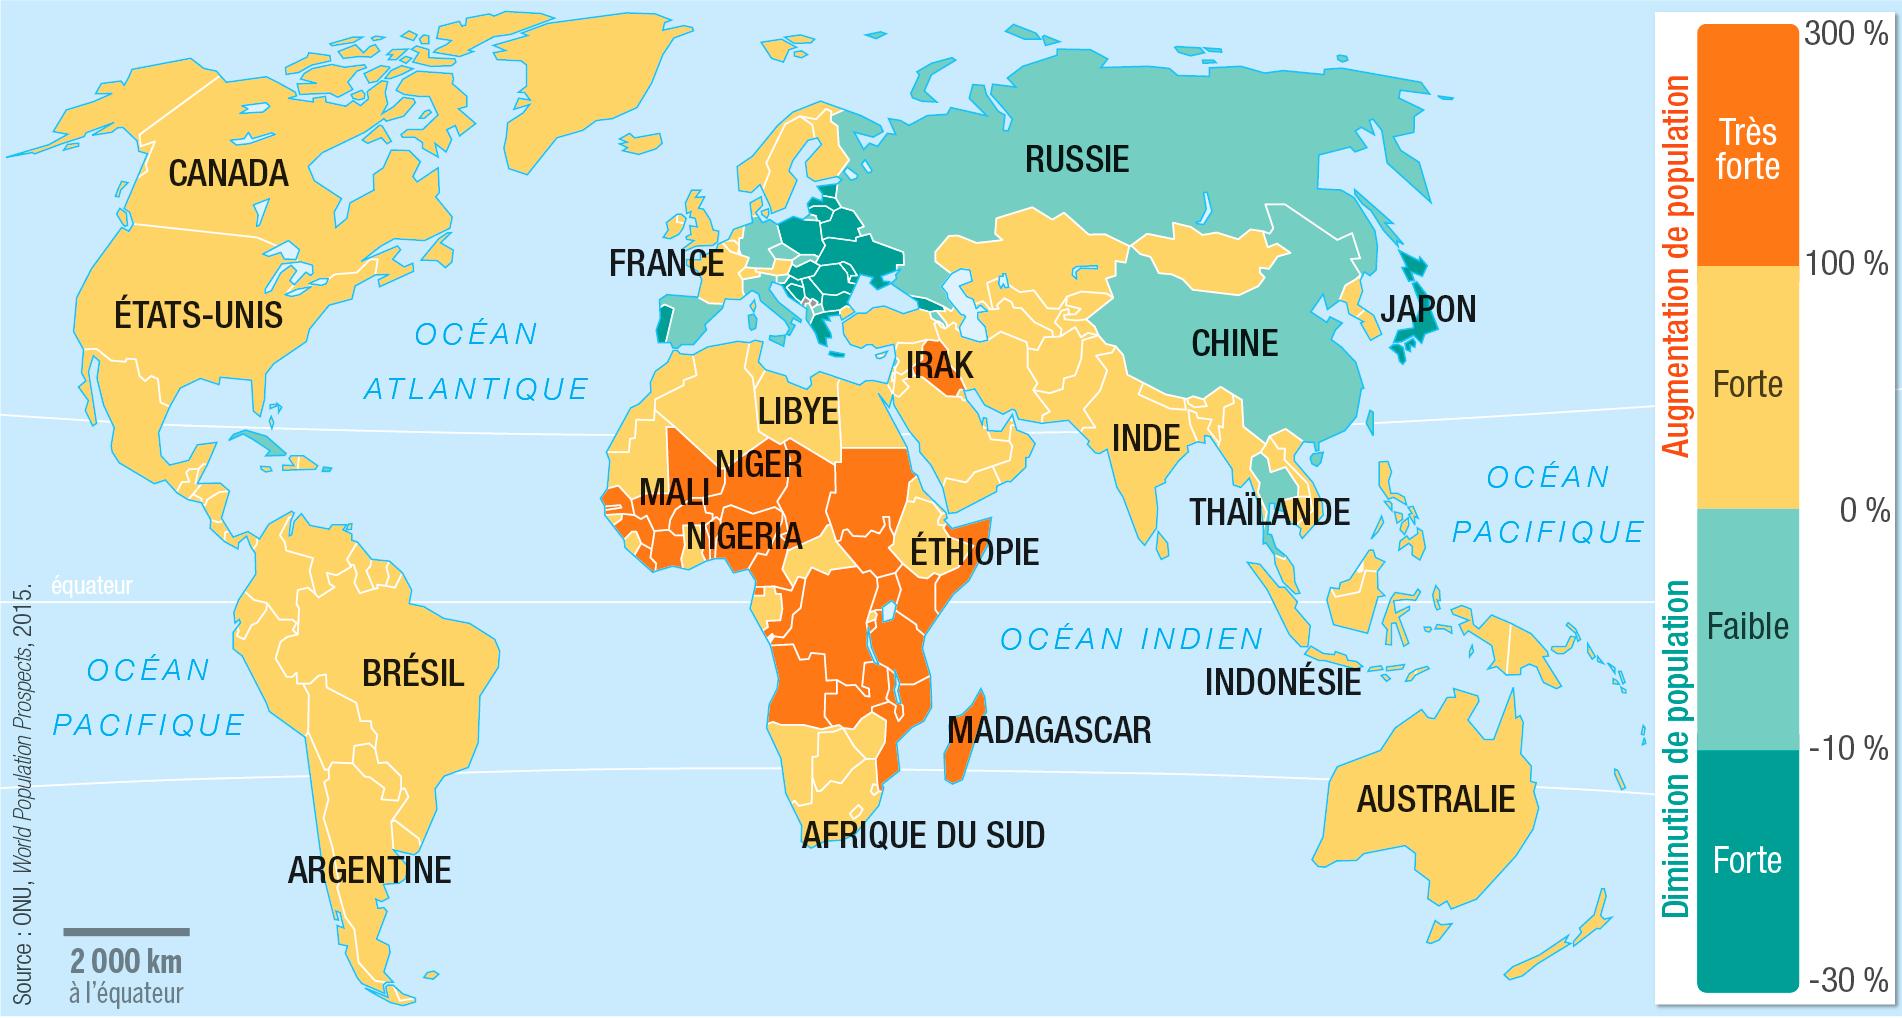 <stamp theme='his-green2'>Doc. 2</stamp> L'évolution de la population mondiale par pays de 2015 à 2050 (projection)